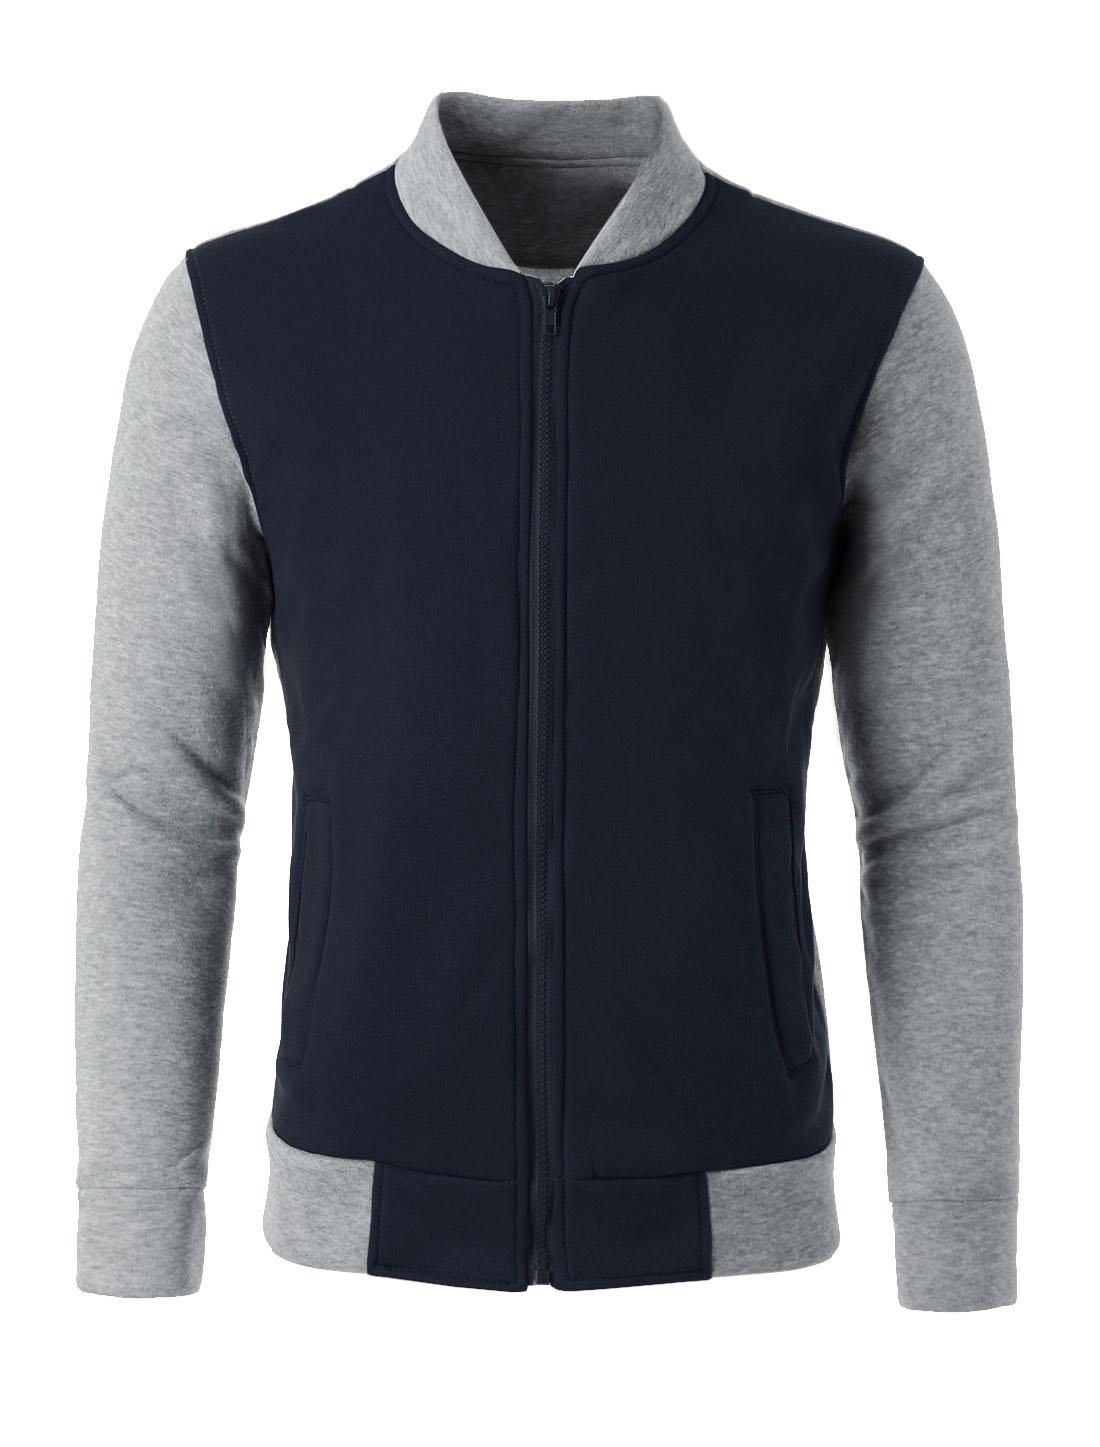 Men Color Block Lightweight Zip Up Casual Varsity Jacket Navy Blue Gray S